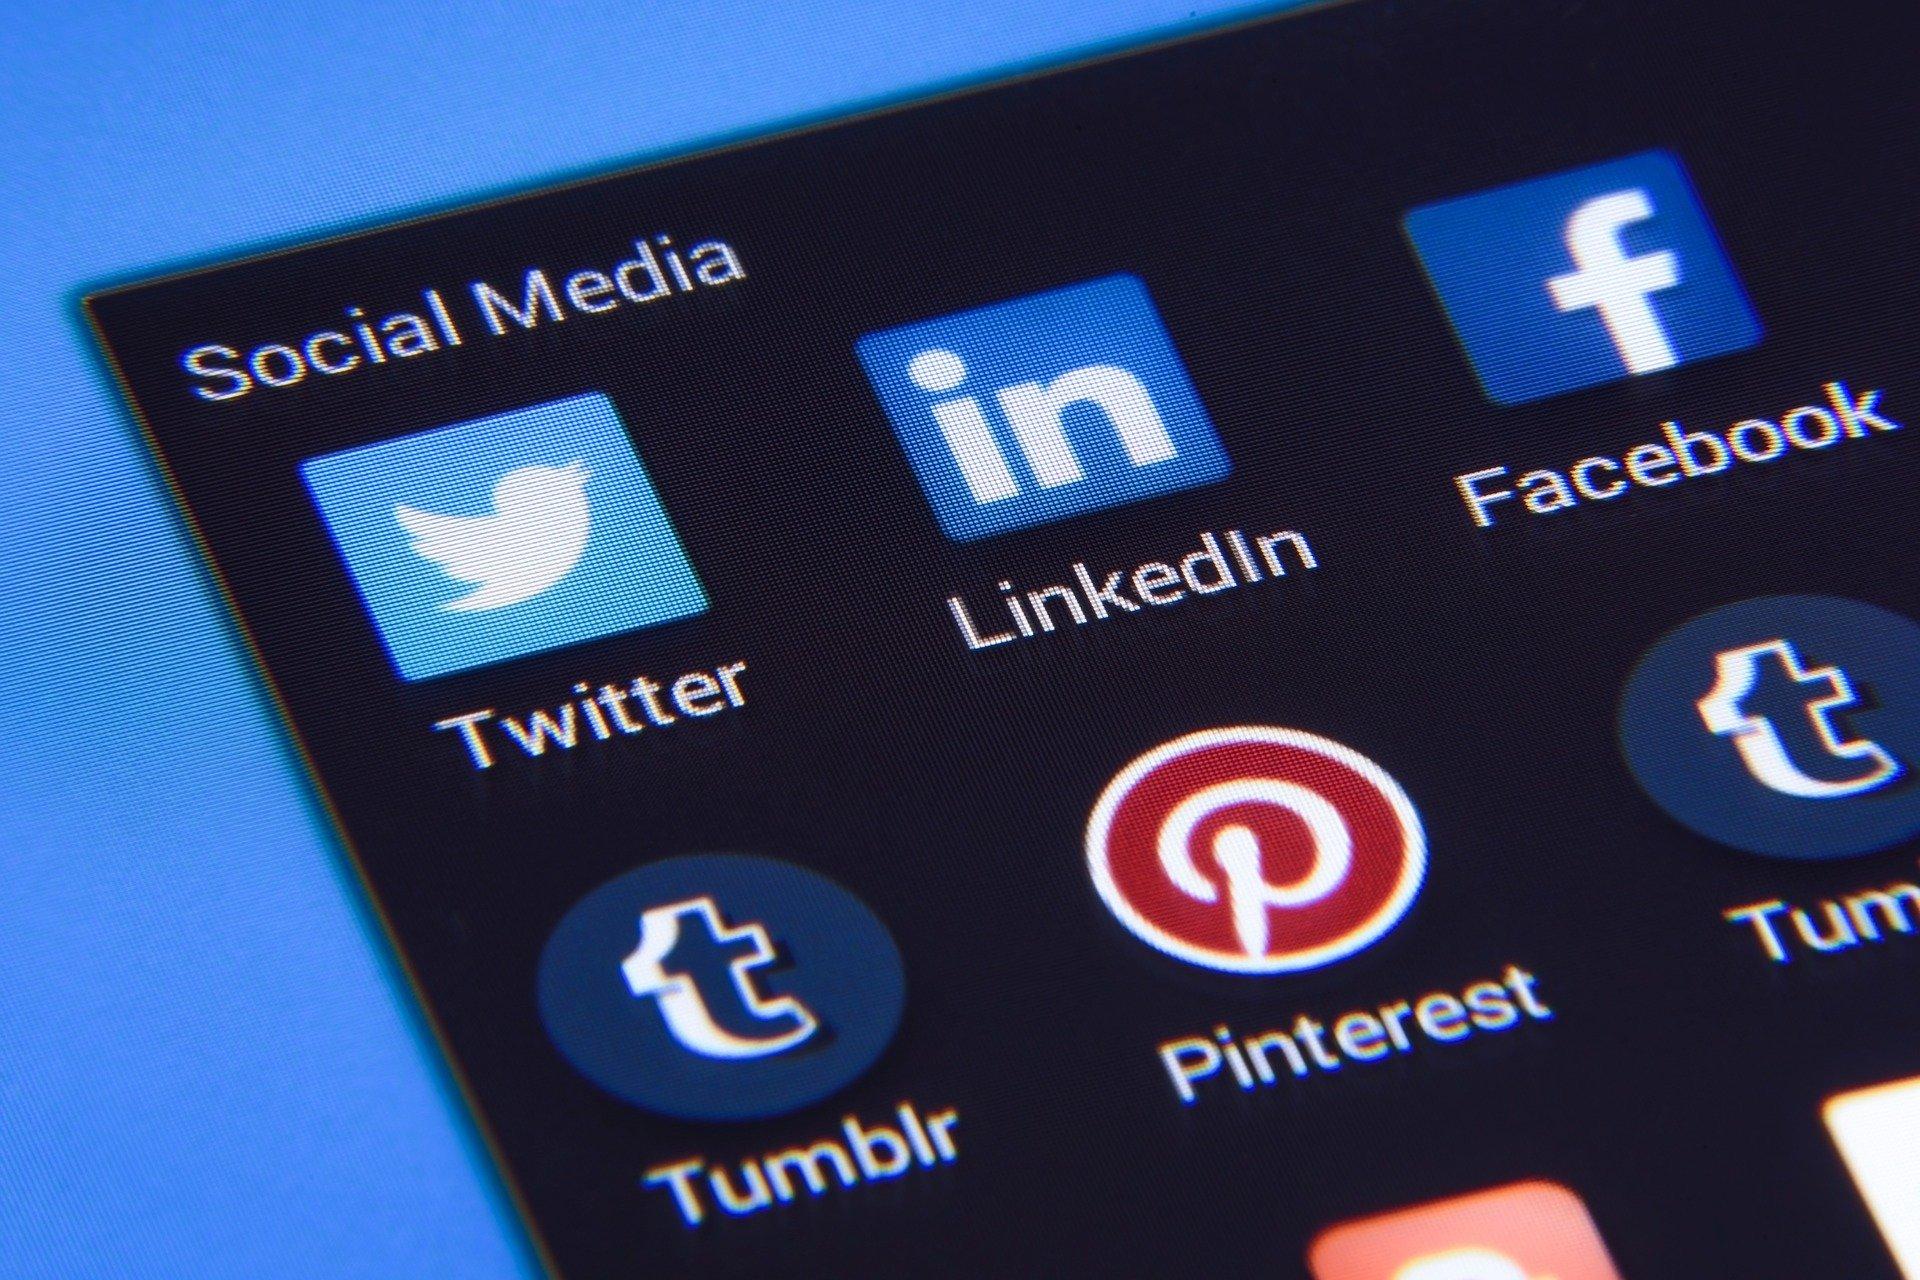 La importancia de utilizar herramientas de marketing digital para promocionar servicios profesionales